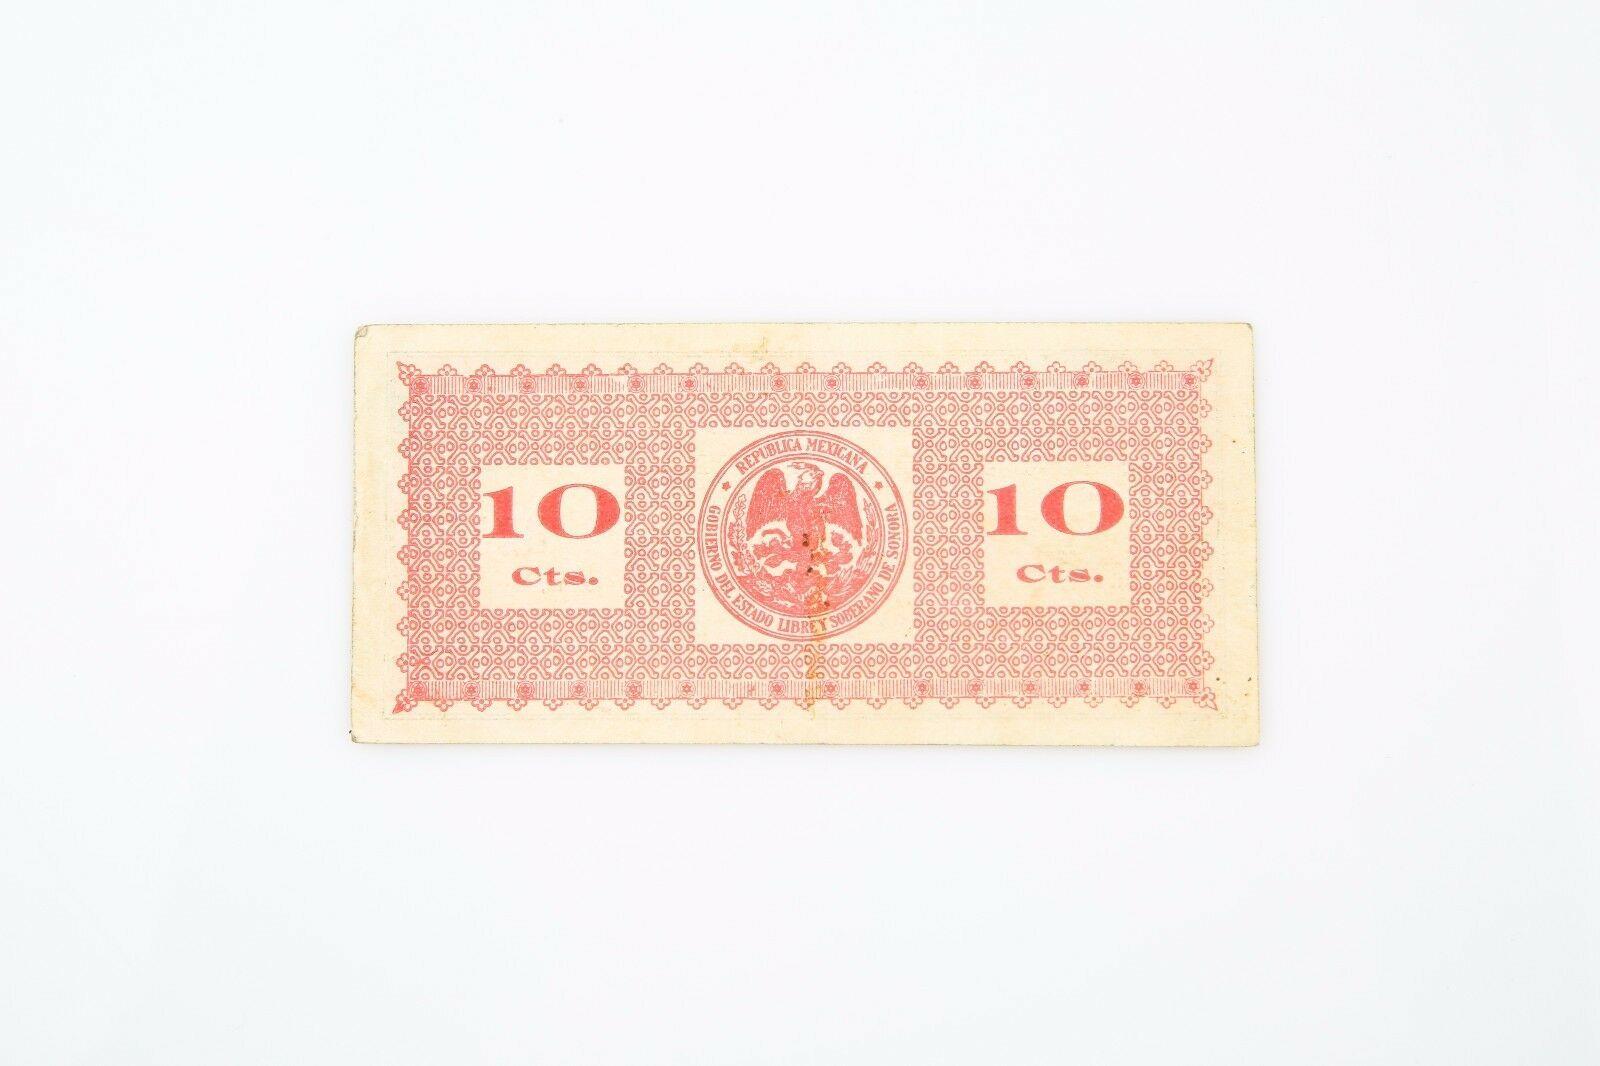 1913-1914 México 10 Moneda AU-55 Red Estado de Sonora About que No Ha Circulado